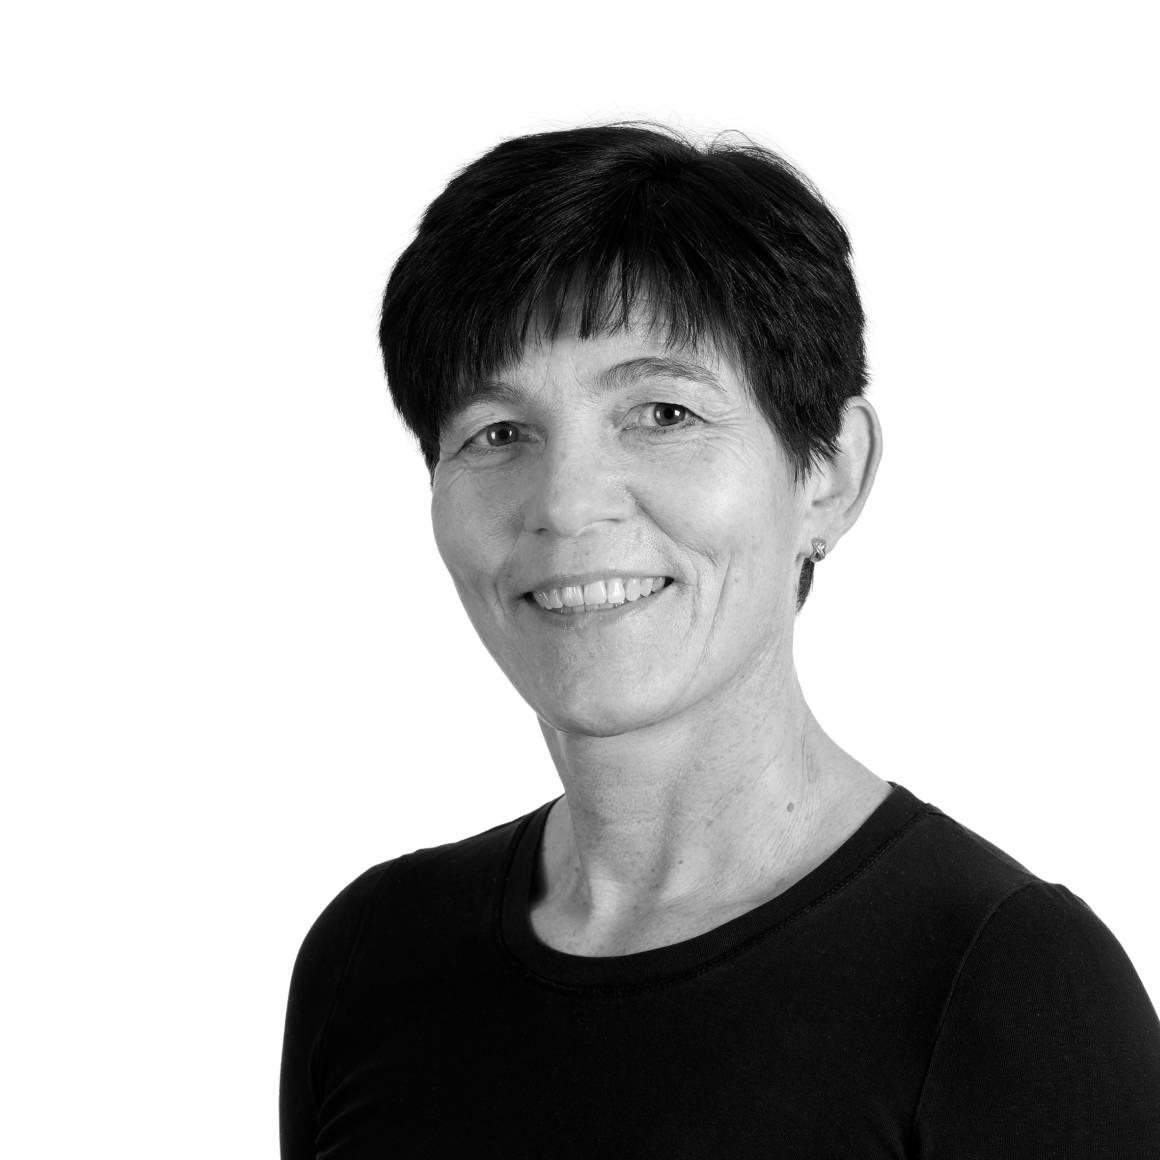 Anne Jorunn Fjærestad